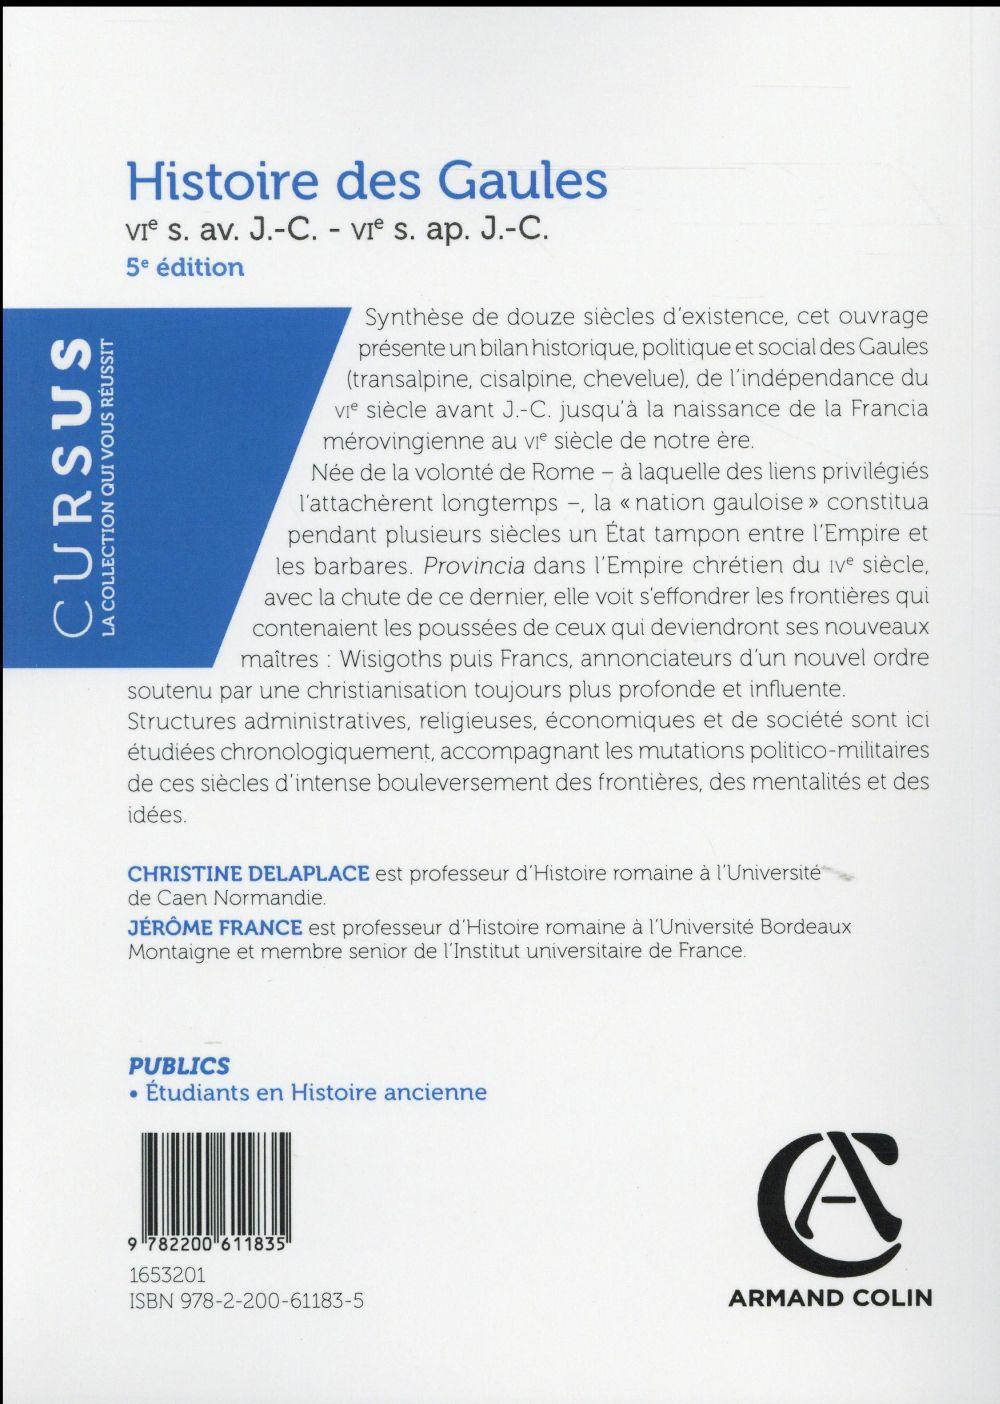 histoire des Gaules ; VIe s. av. J.-C. - VIe s. ap. J.-C. (5e édition)